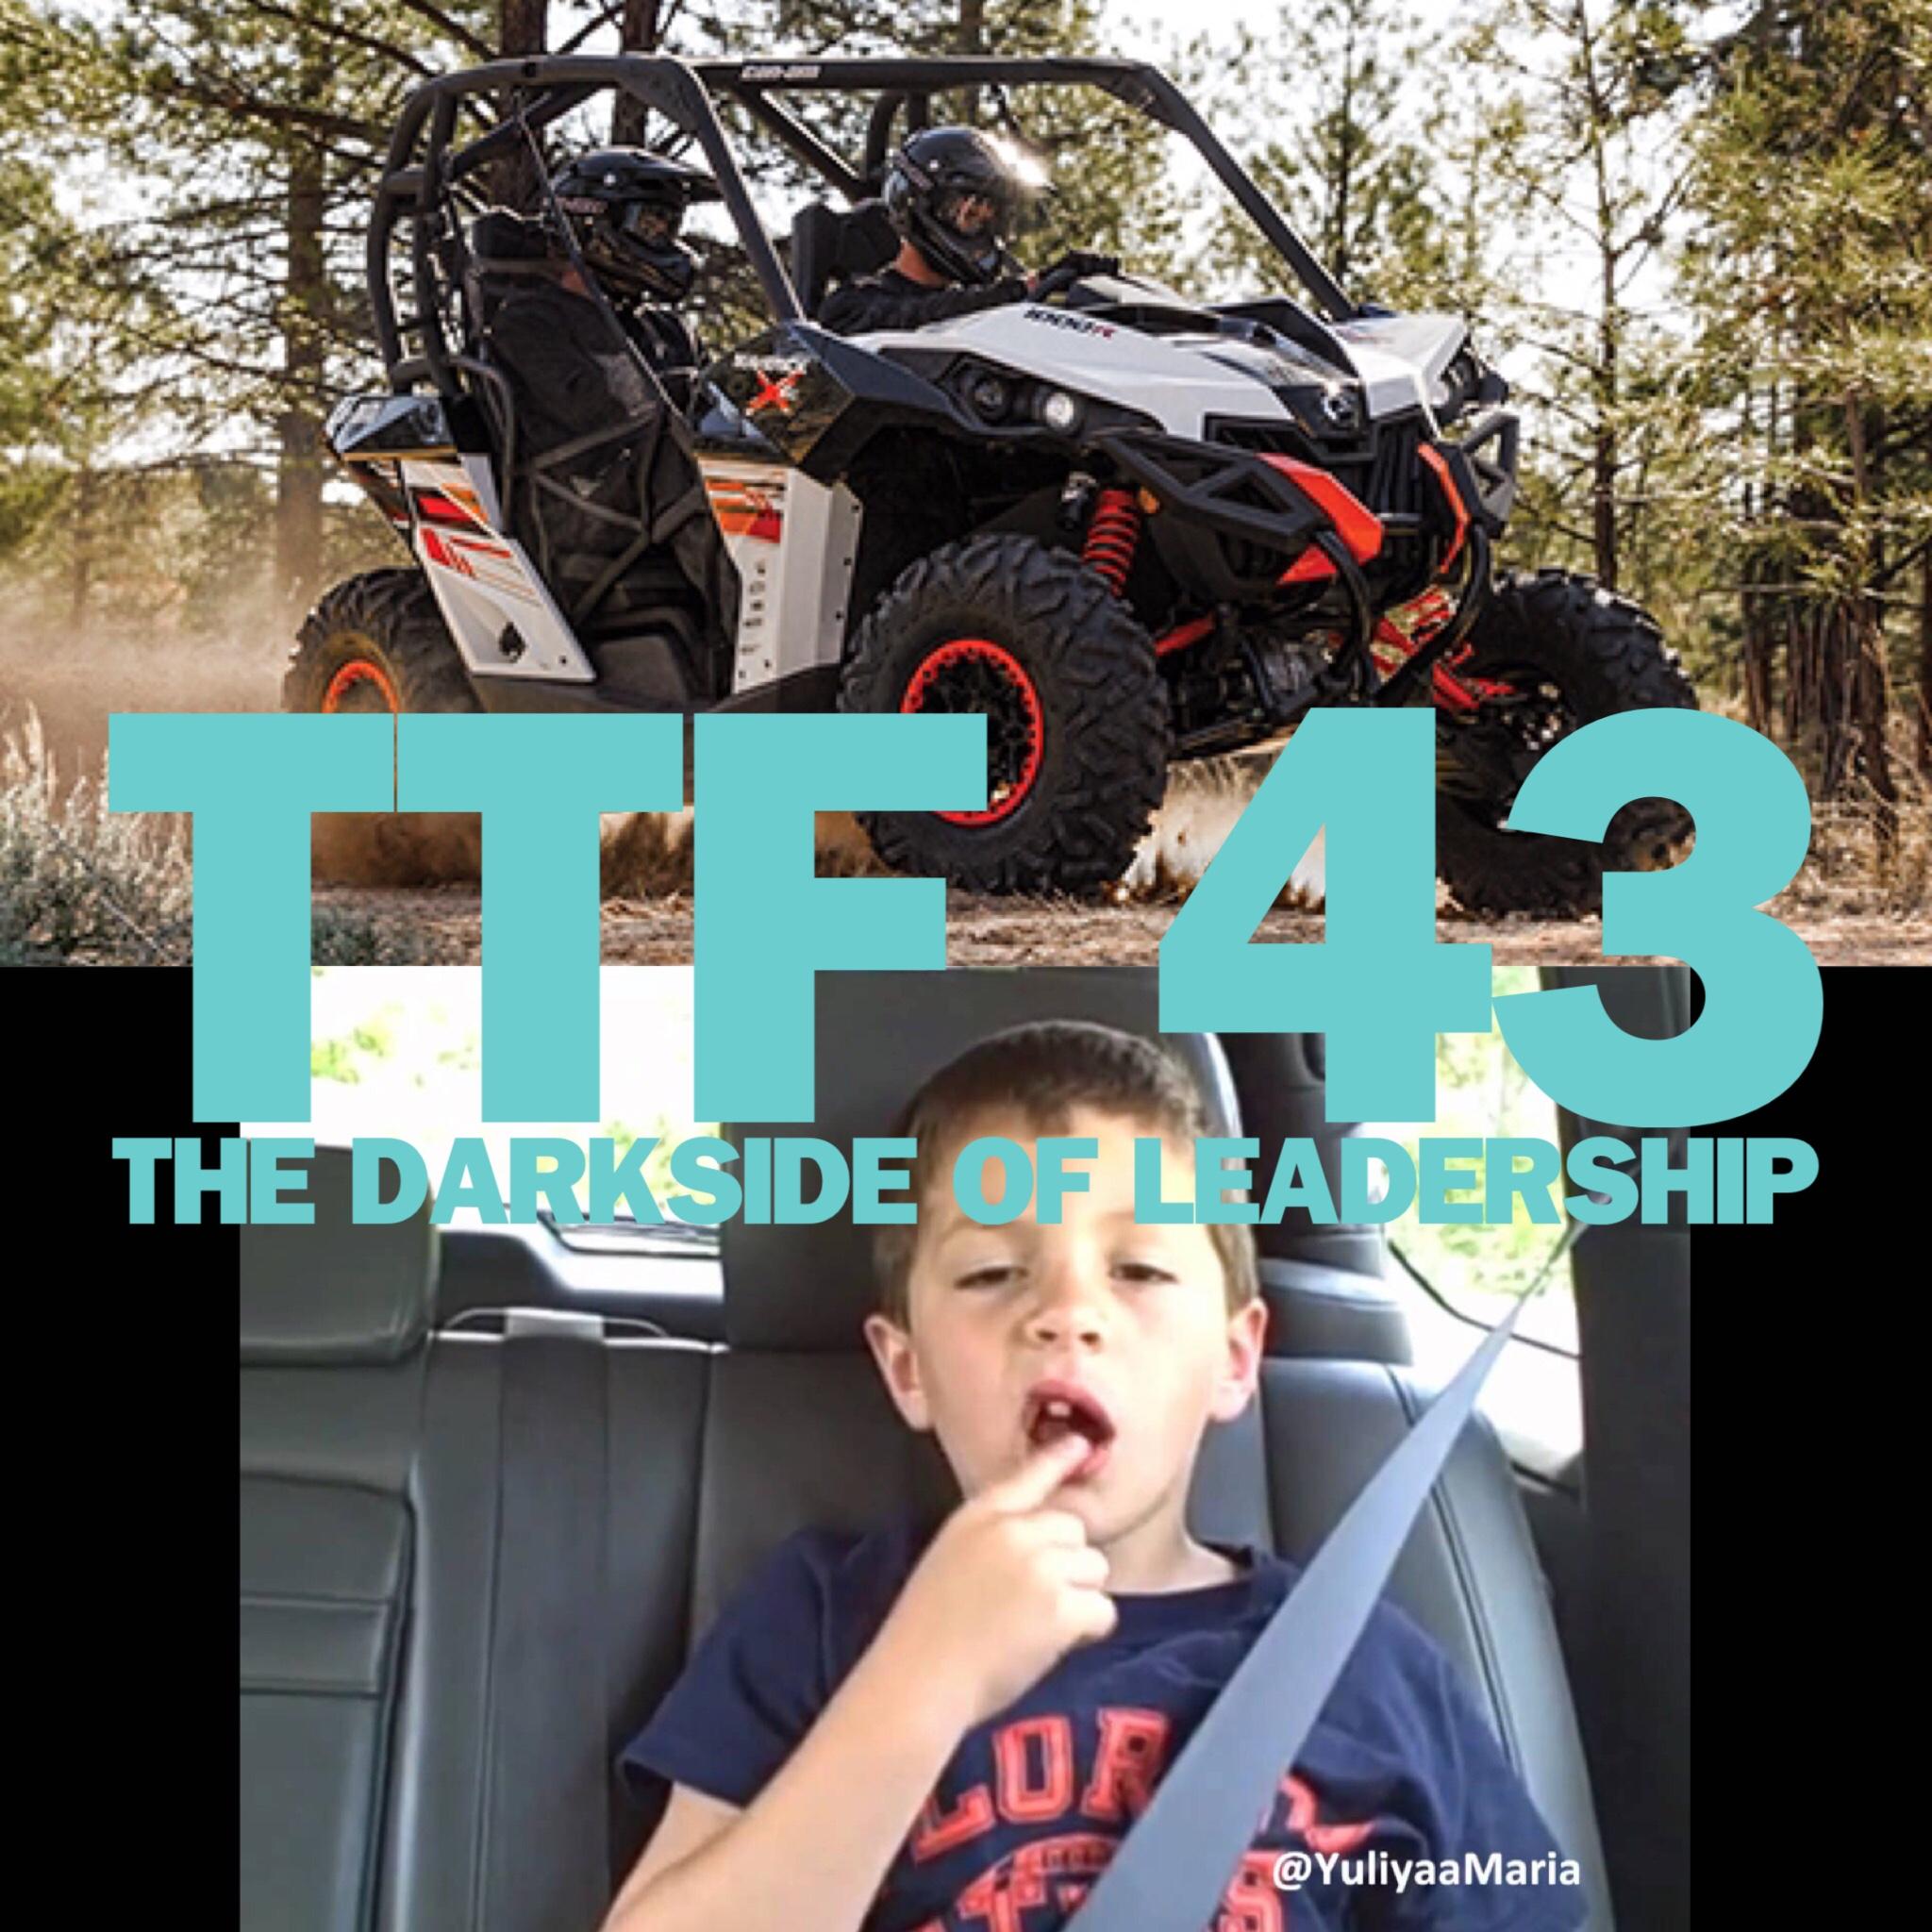 Episode 43: The Darkside of Leadership